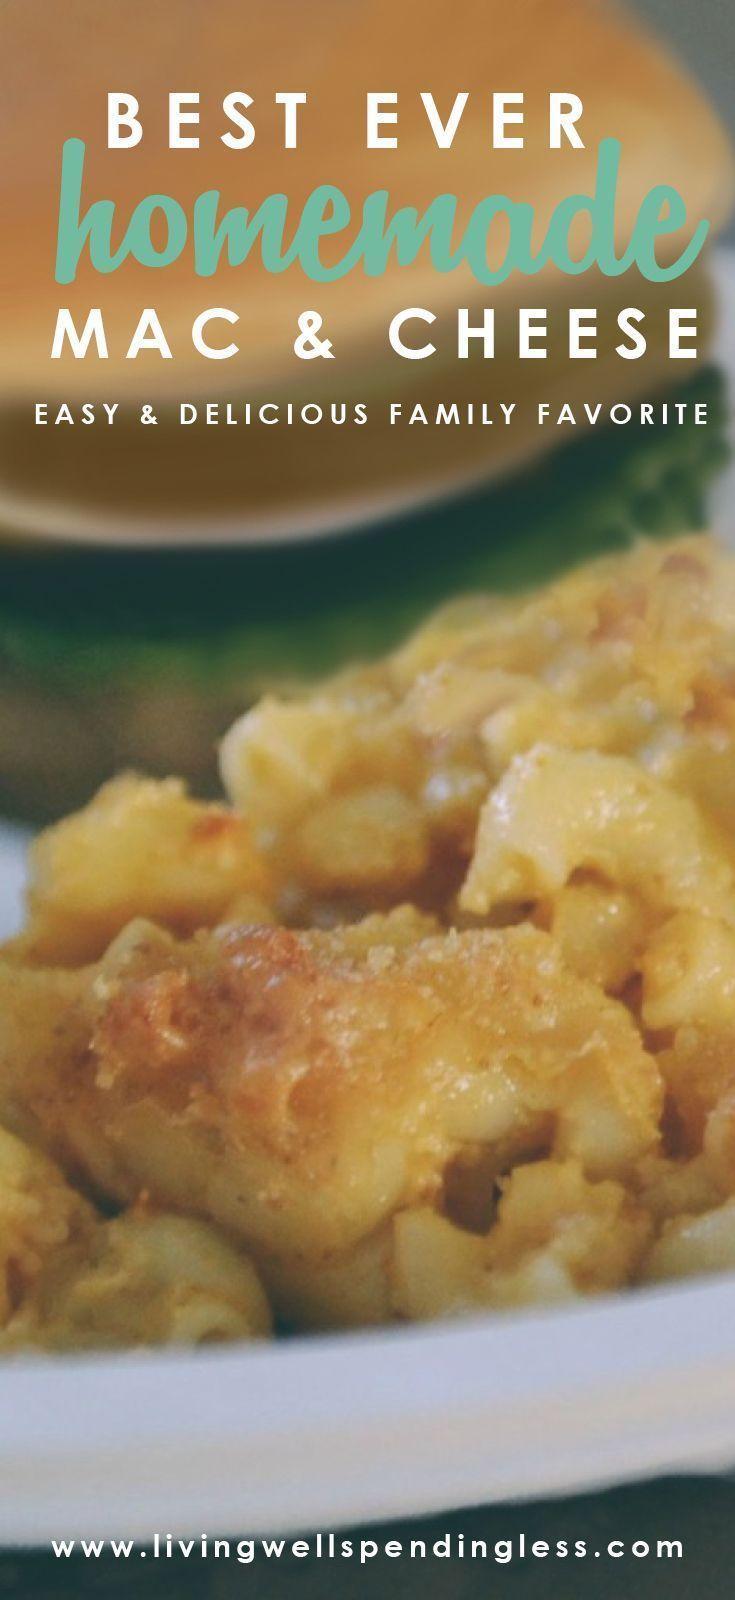 1355 best best recipes on pinterest images on pinterest for Best dinner recipes ever